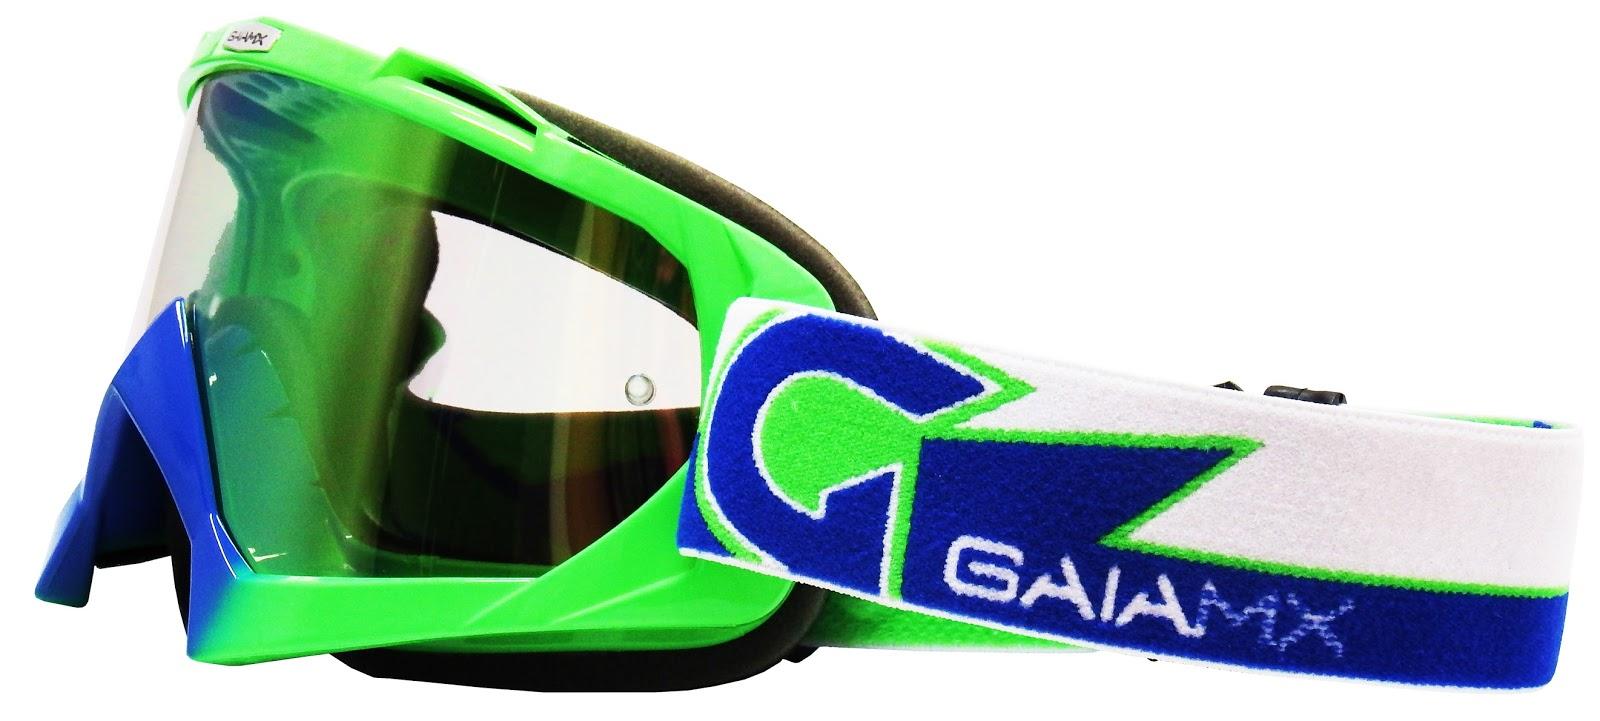 c5580d6d1 Entre suas principais características está também o tratamento químico pelo  qual os óculos da marca passam e que impede o embaçamento de suas lentes,  ...